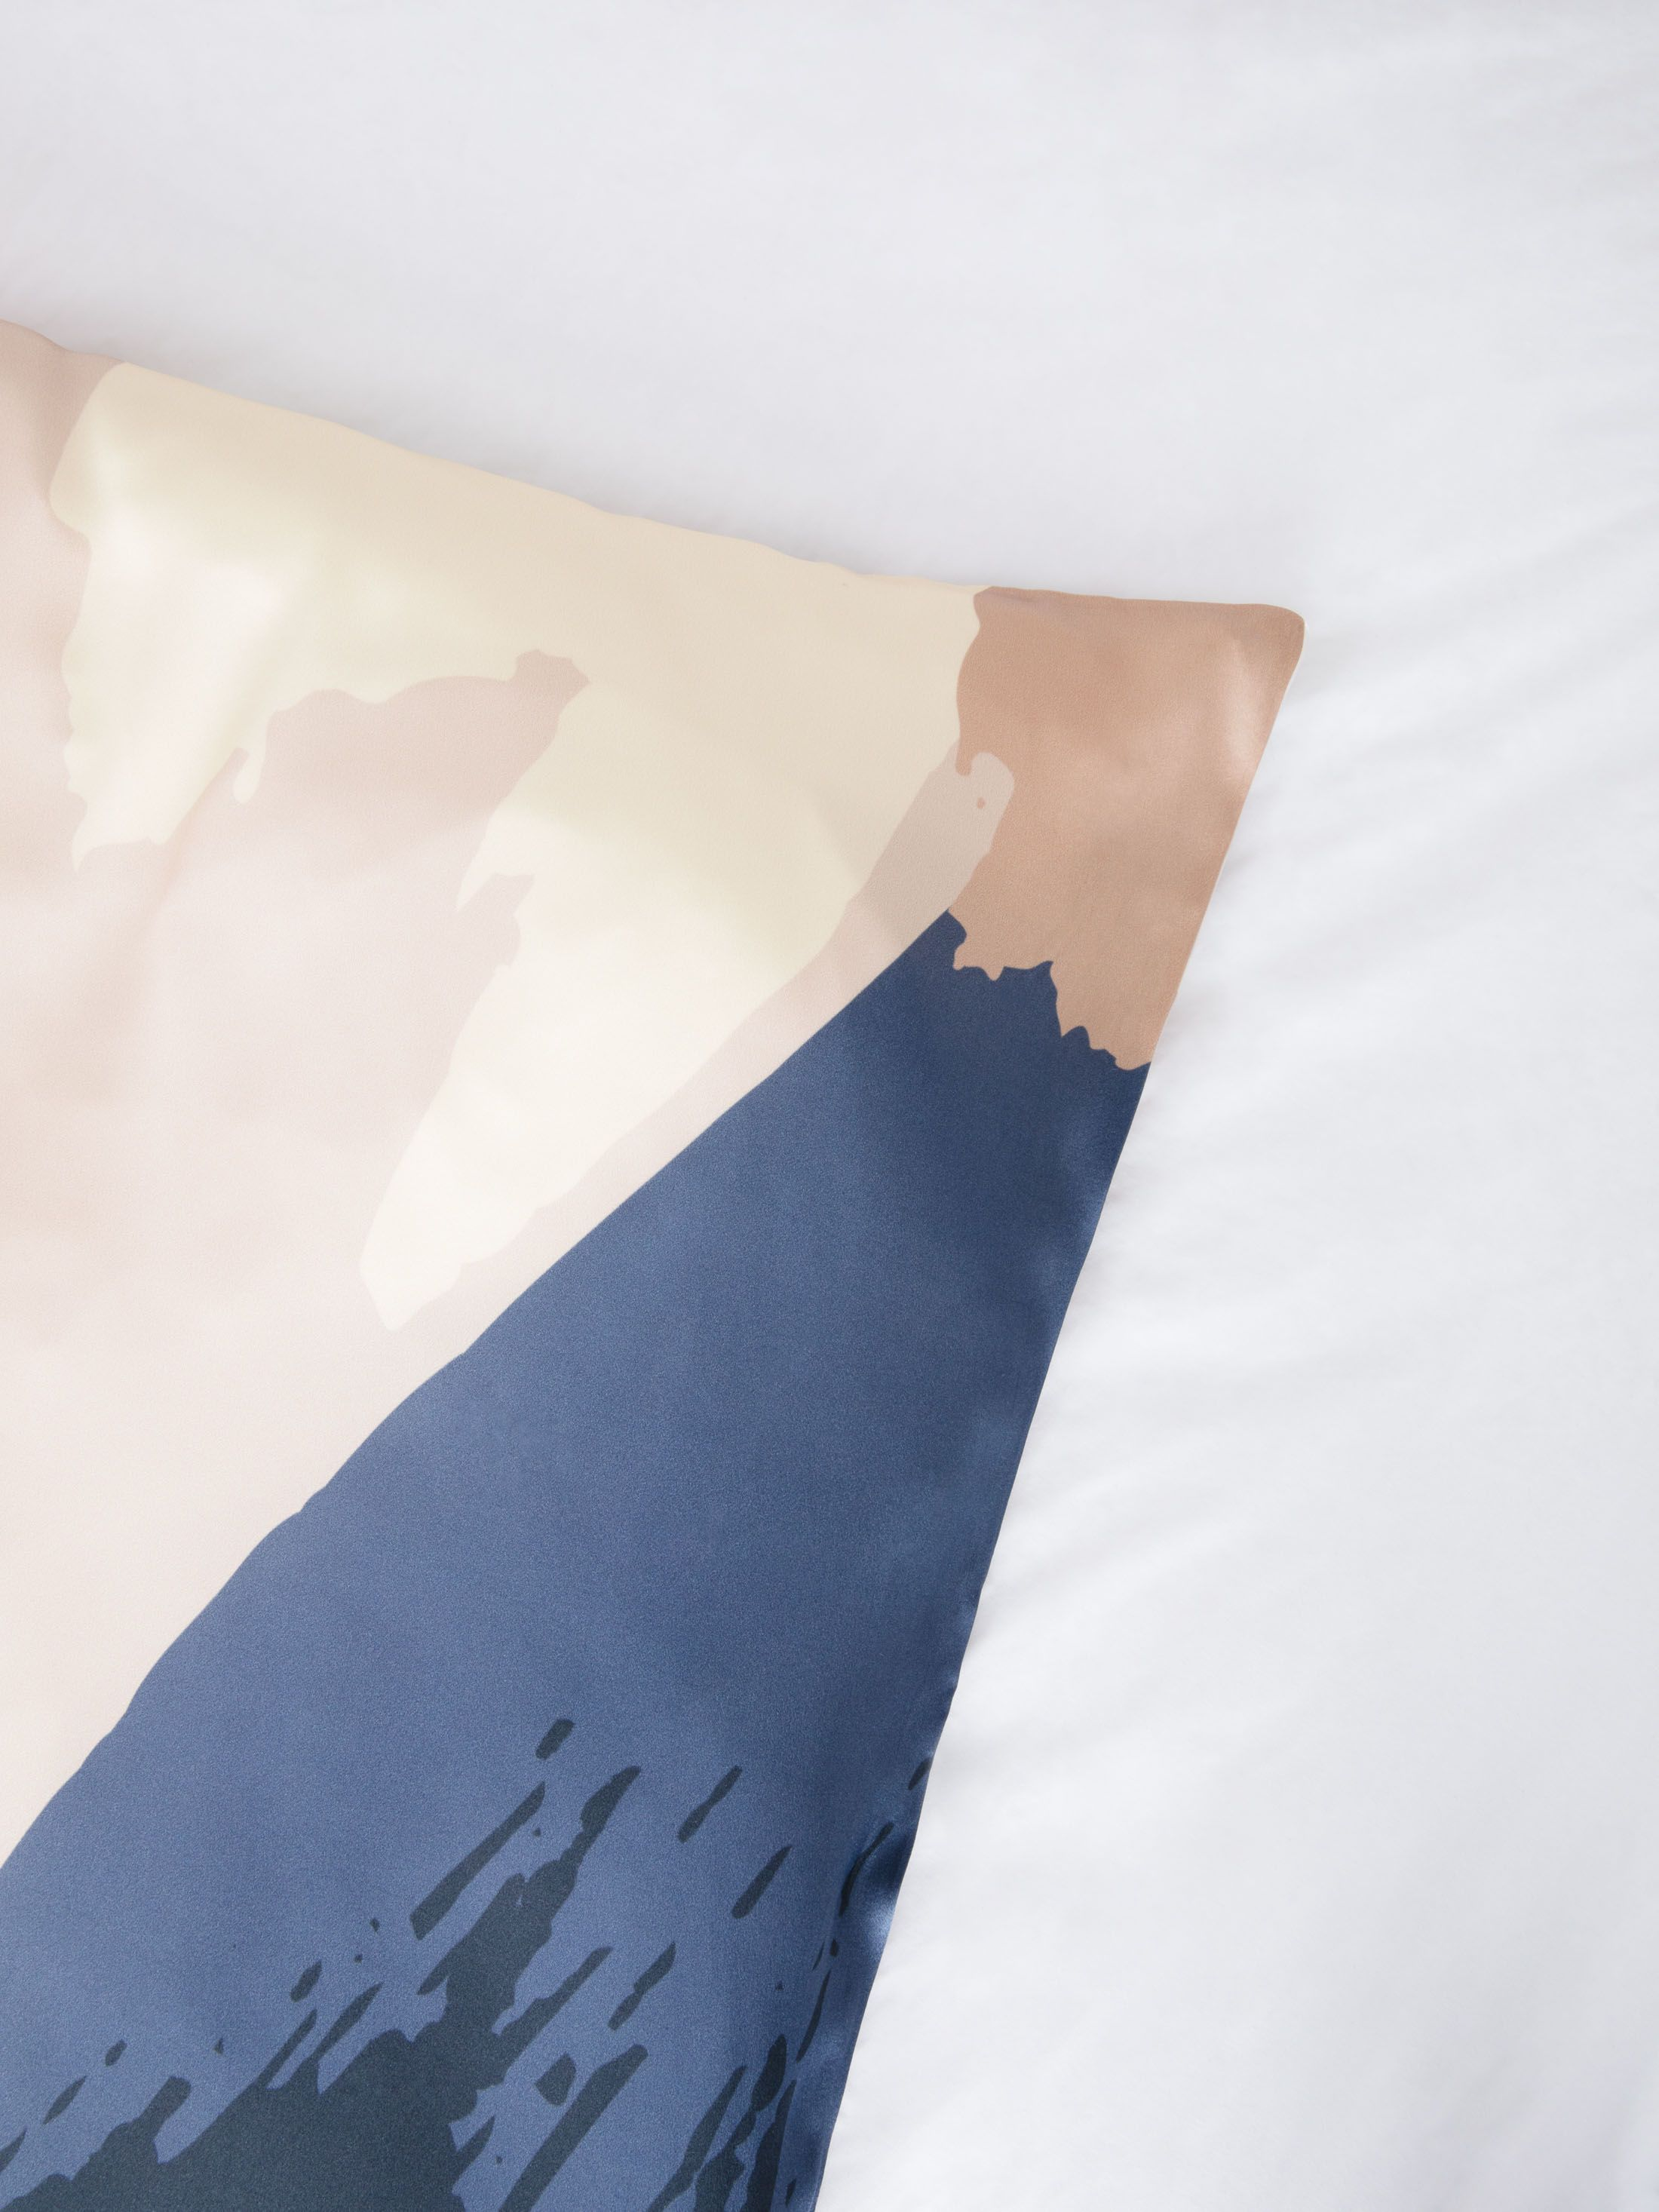 zijden dekbedovertrekken bedrukken